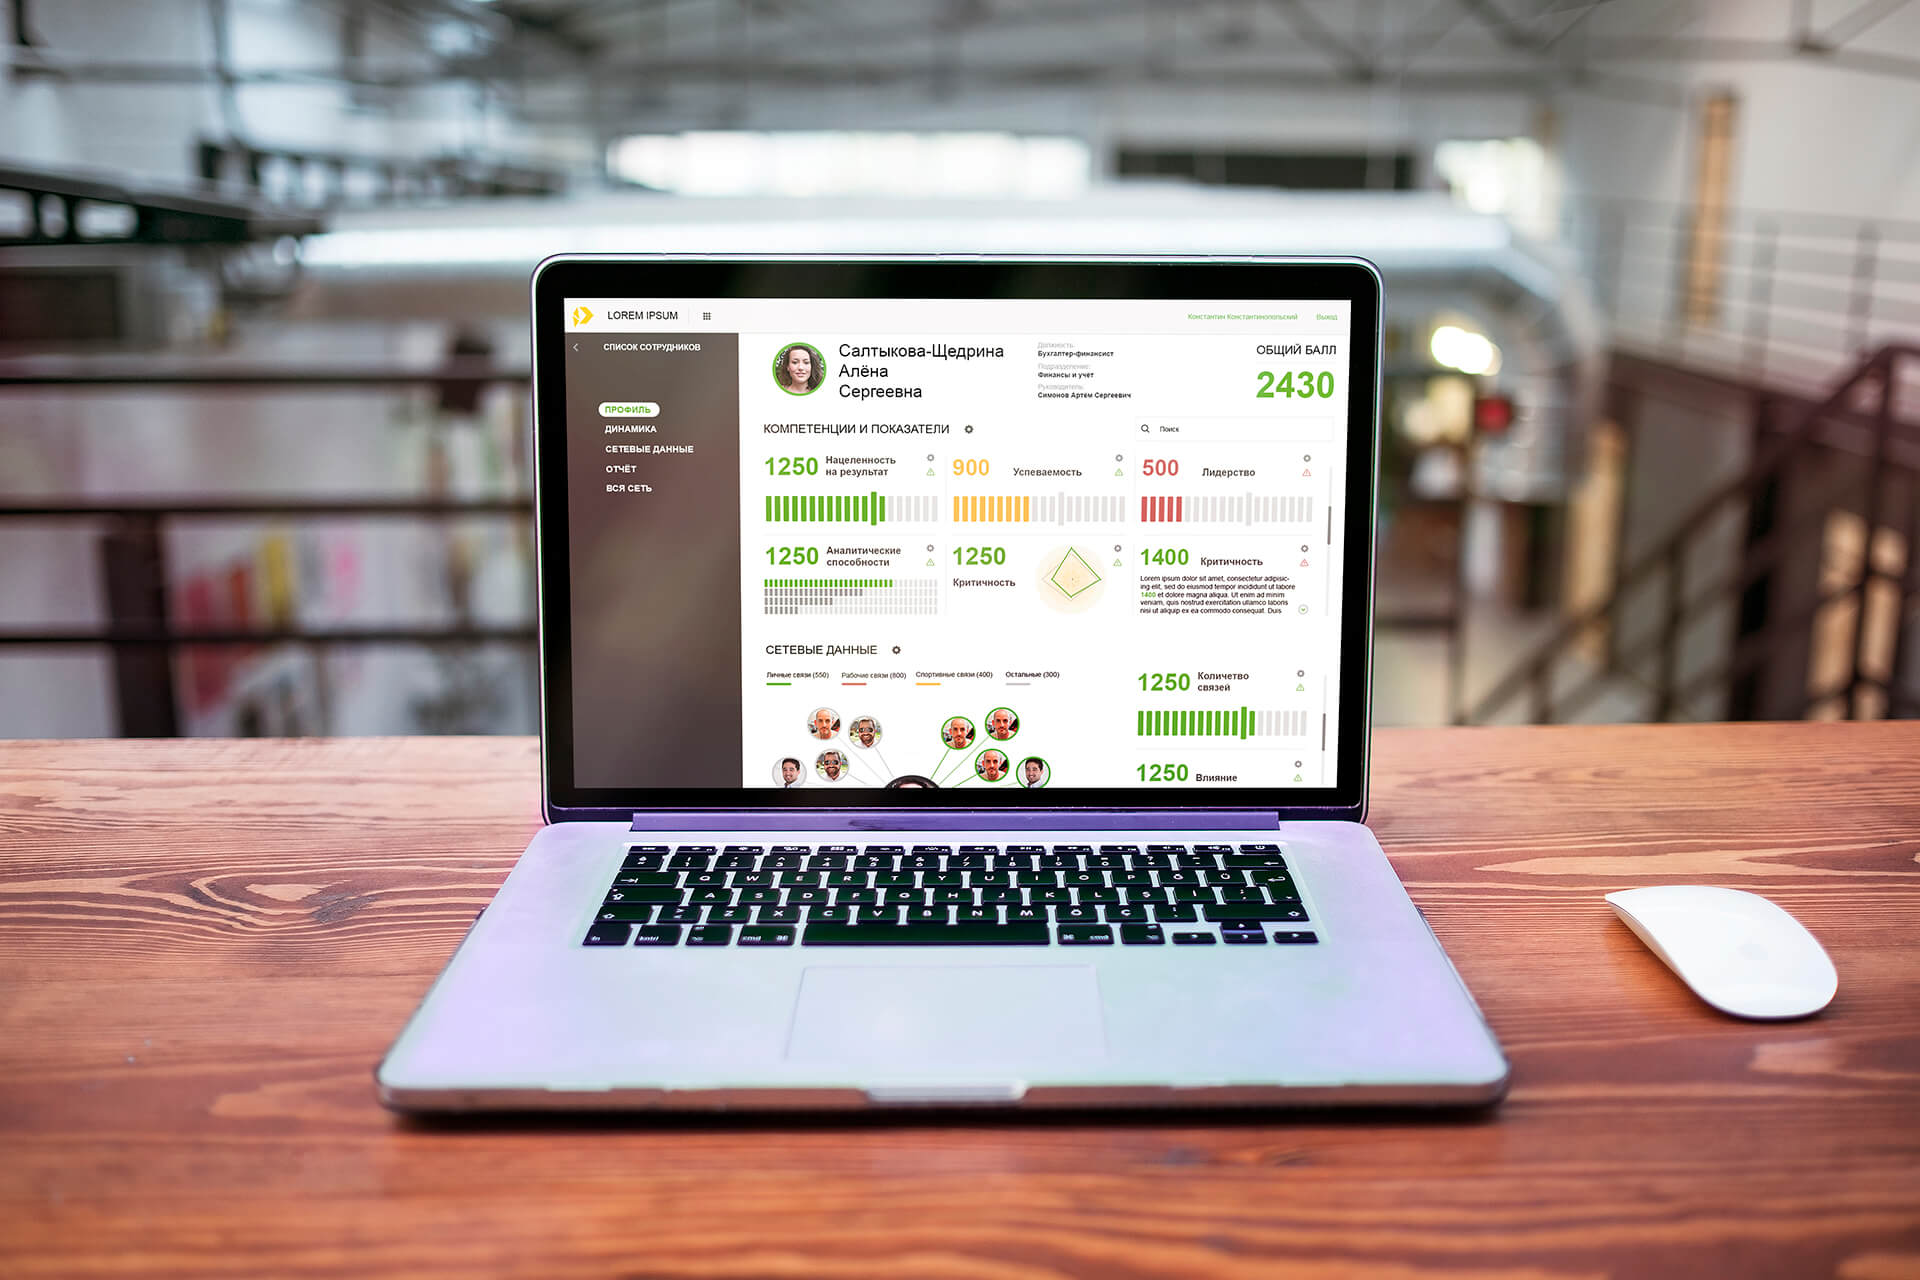 Дизайн интерфейса аналитической платформы — UX/UI